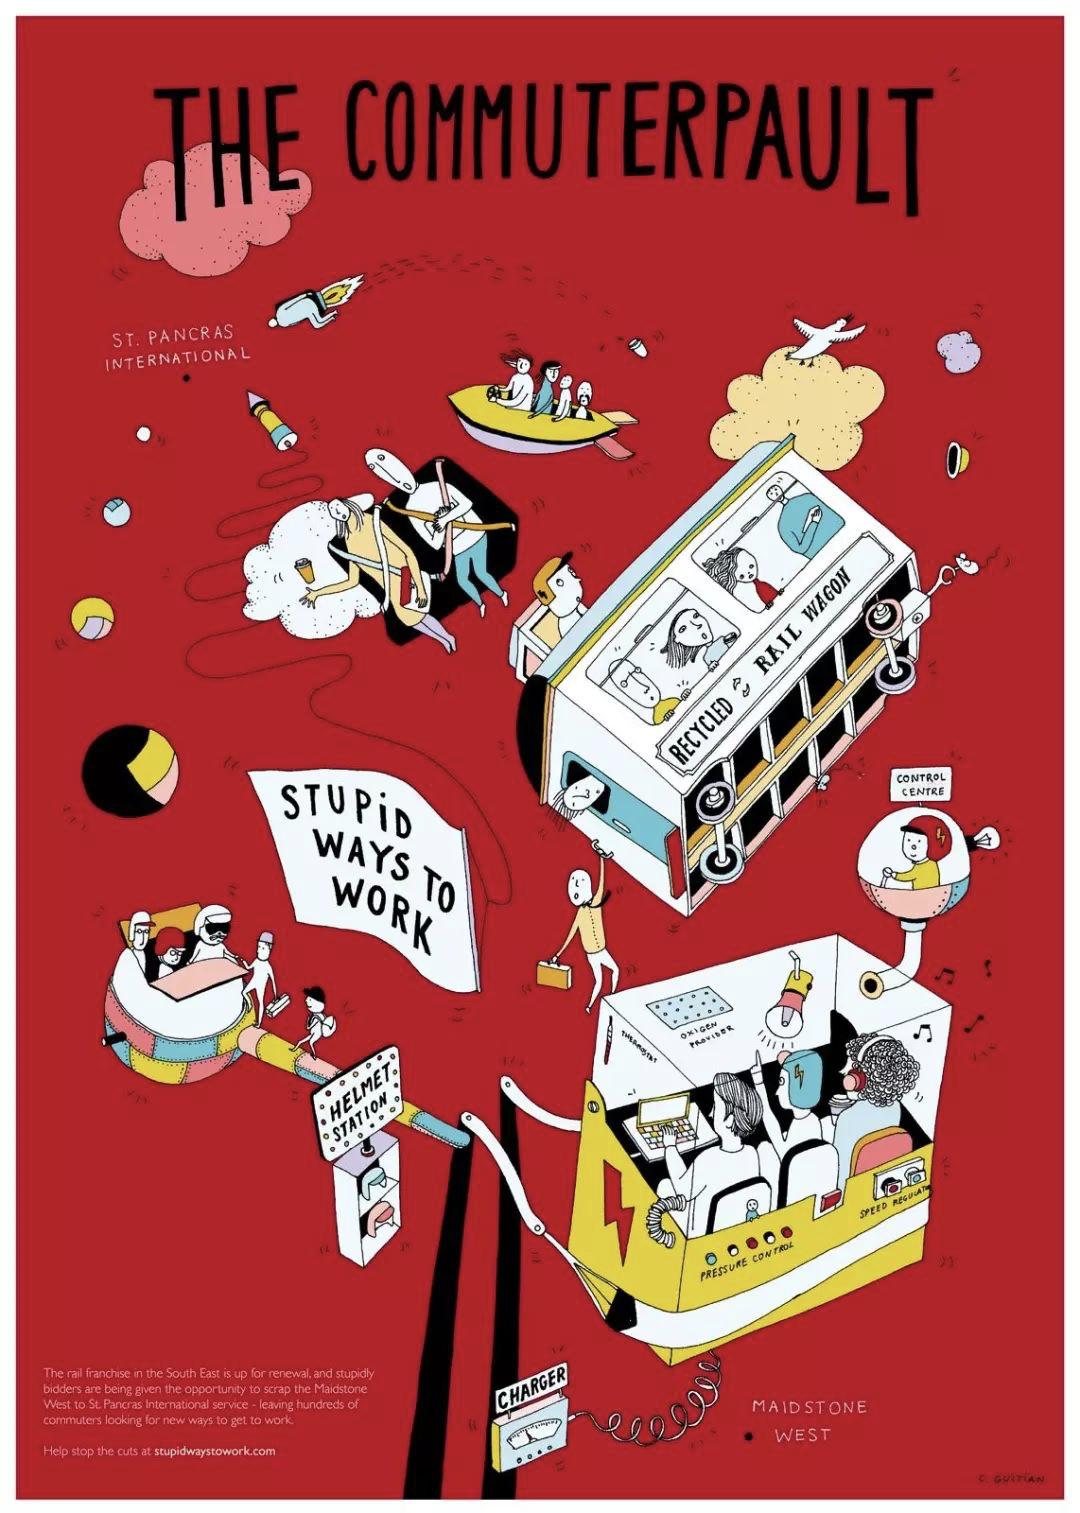 创意海报设计赏析  有哪些值得借鉴的海报设计作品